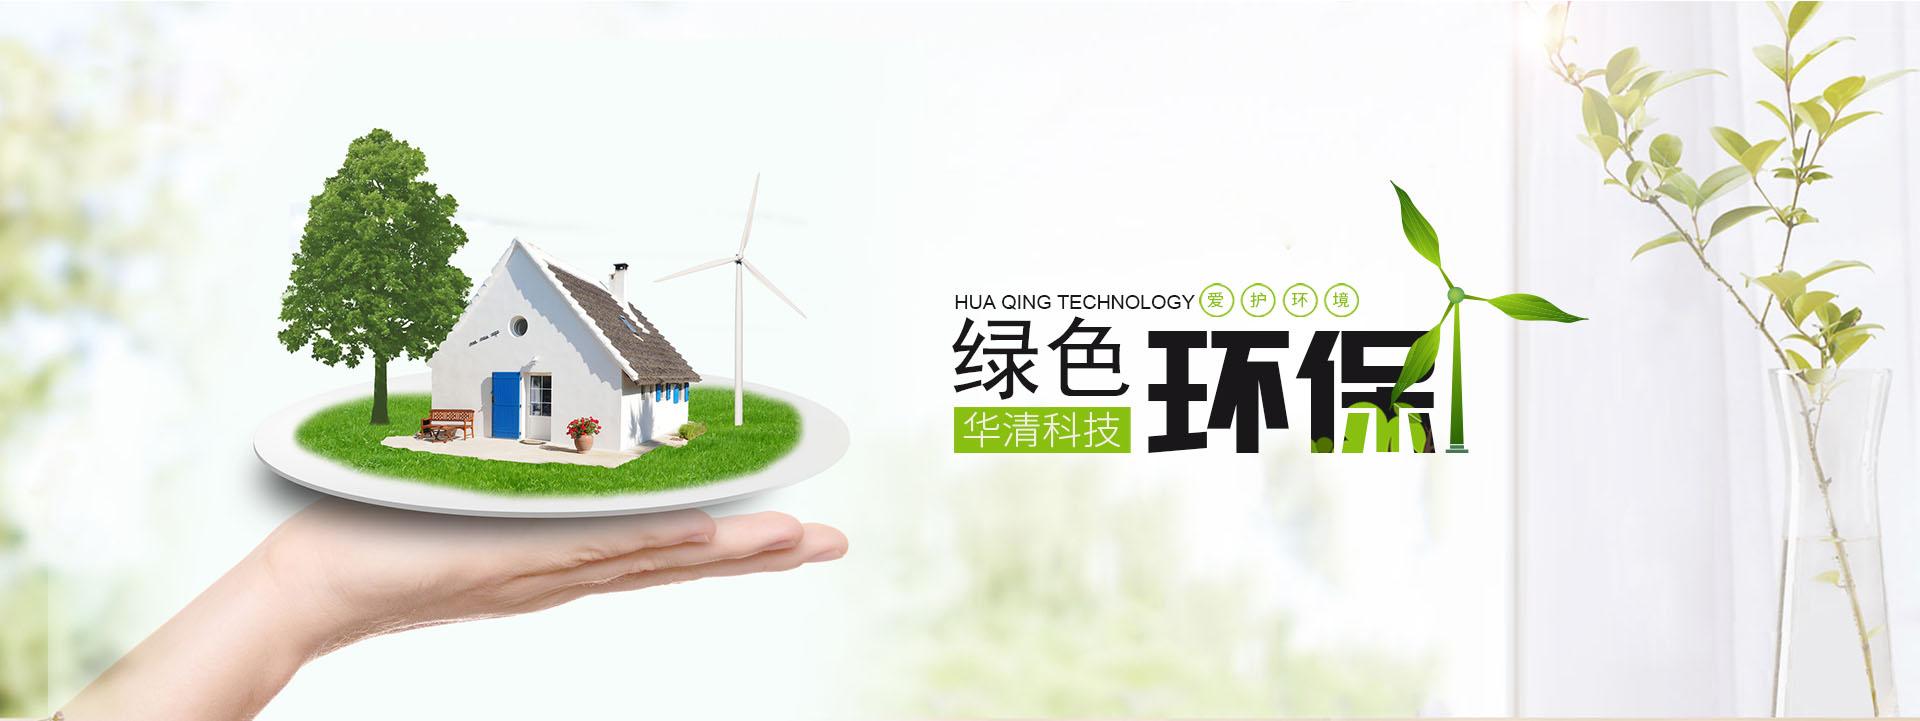 温州华清科技有限公司